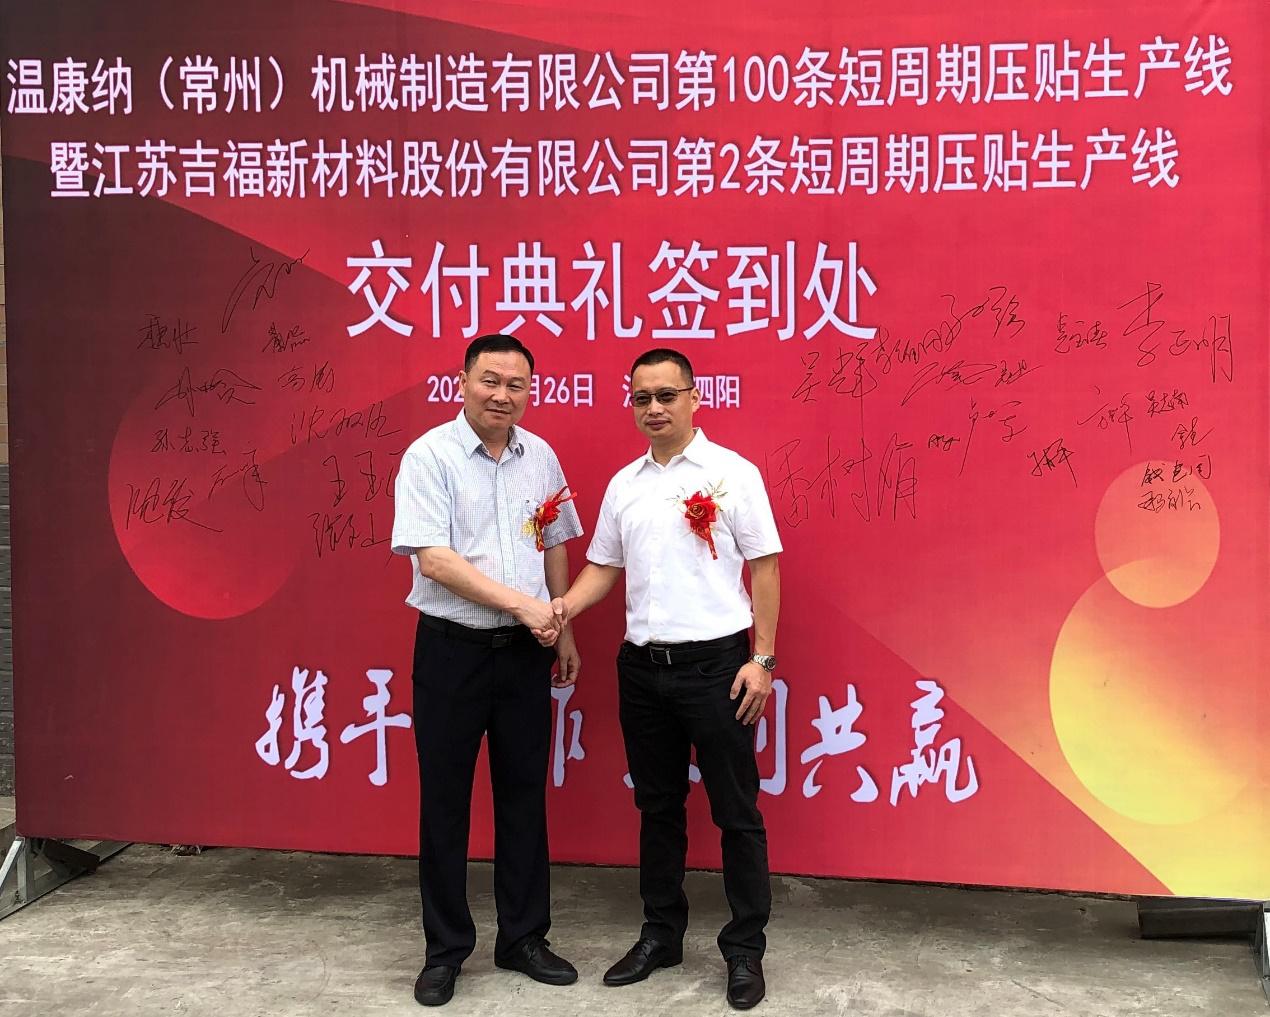 【资讯】温康纳(常州)第100条短周期压贴生产线交付典礼在泗阳盛大举行